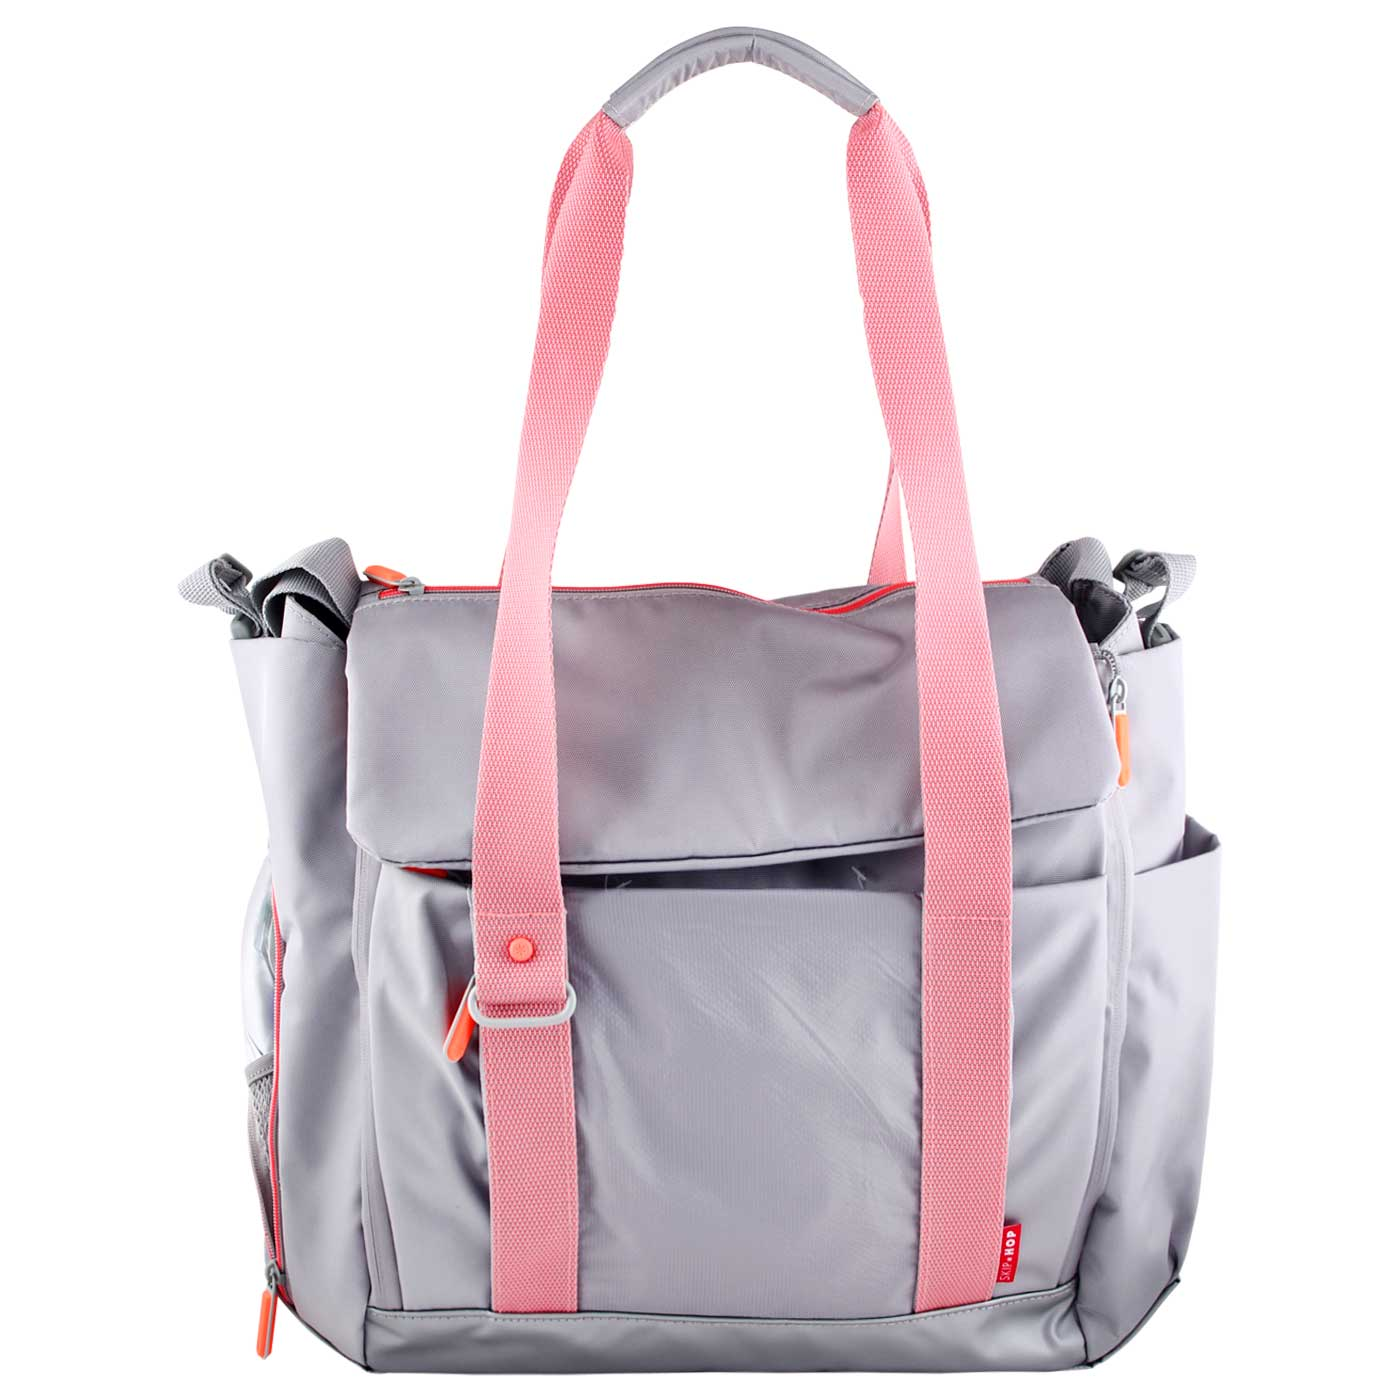 Skiphop Diaper Tote Bag Fit All Access - Platinum/Coral 2